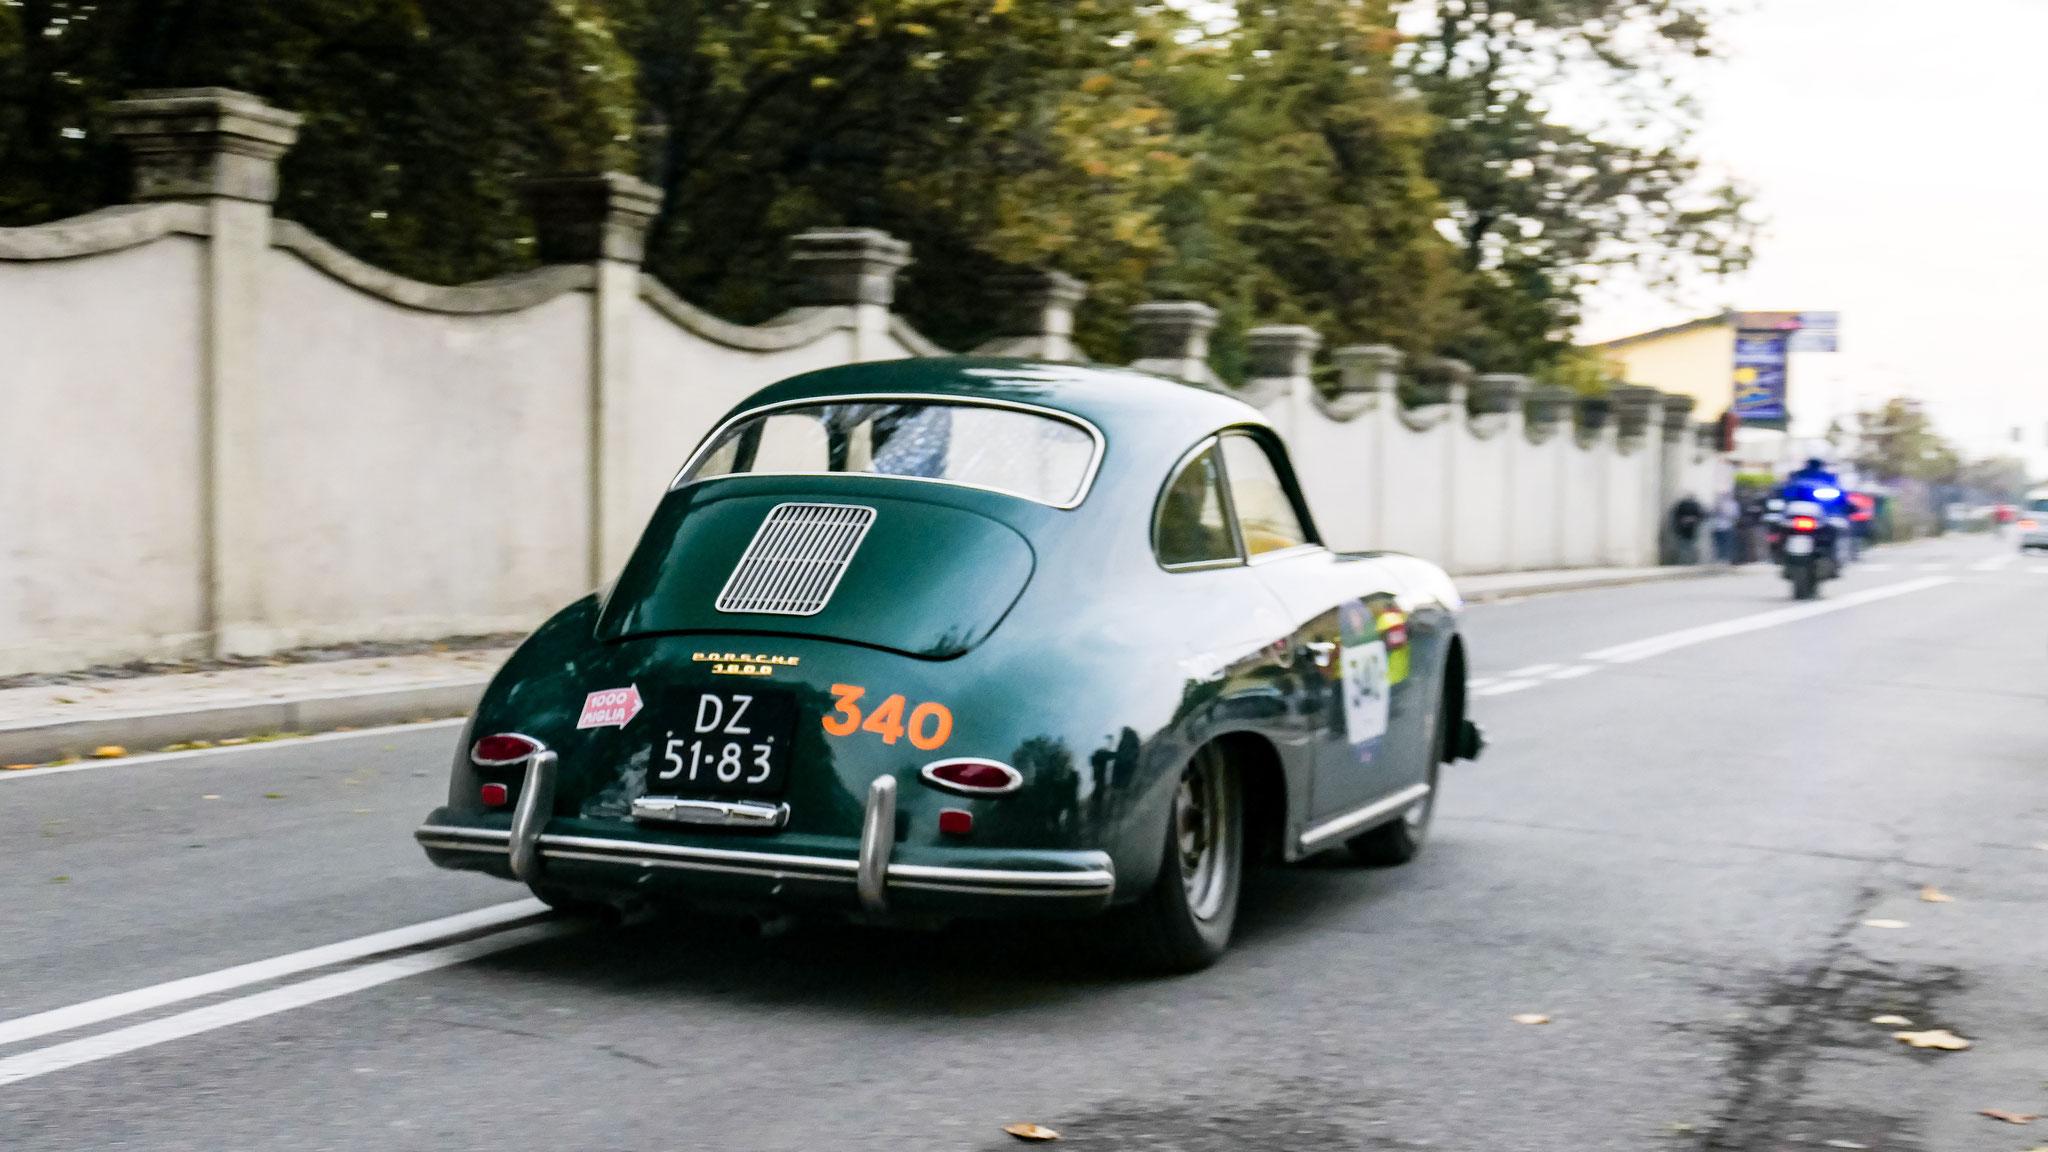 Porsche 356 1600 - DZ-51-83 (NL)